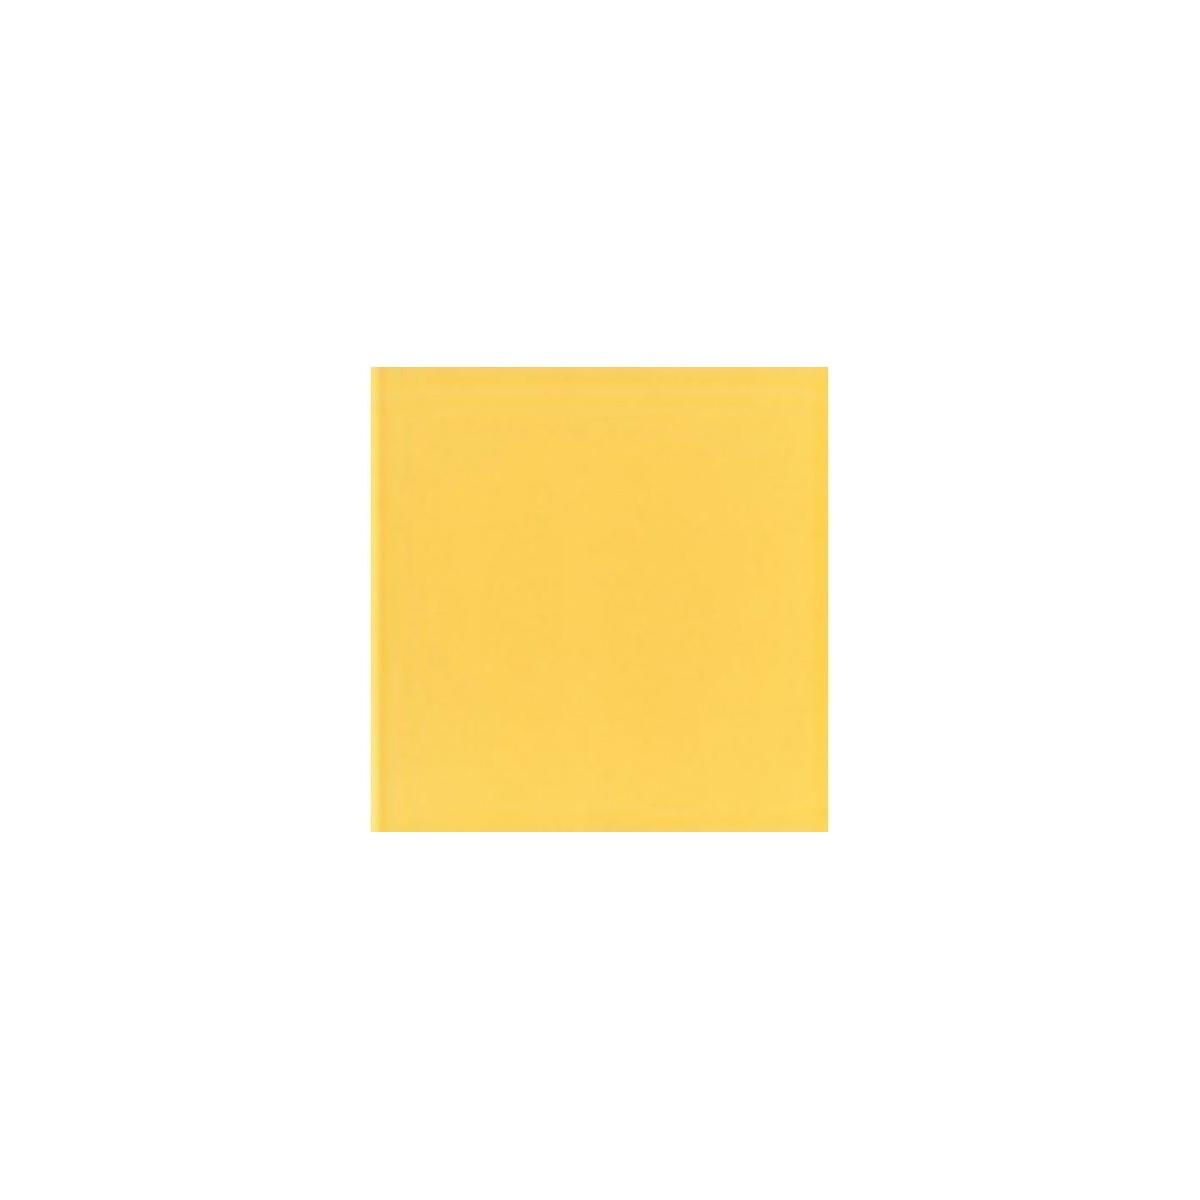 Color Amarillo Brillo - Colección Colores Brillo - Marca Mainzu